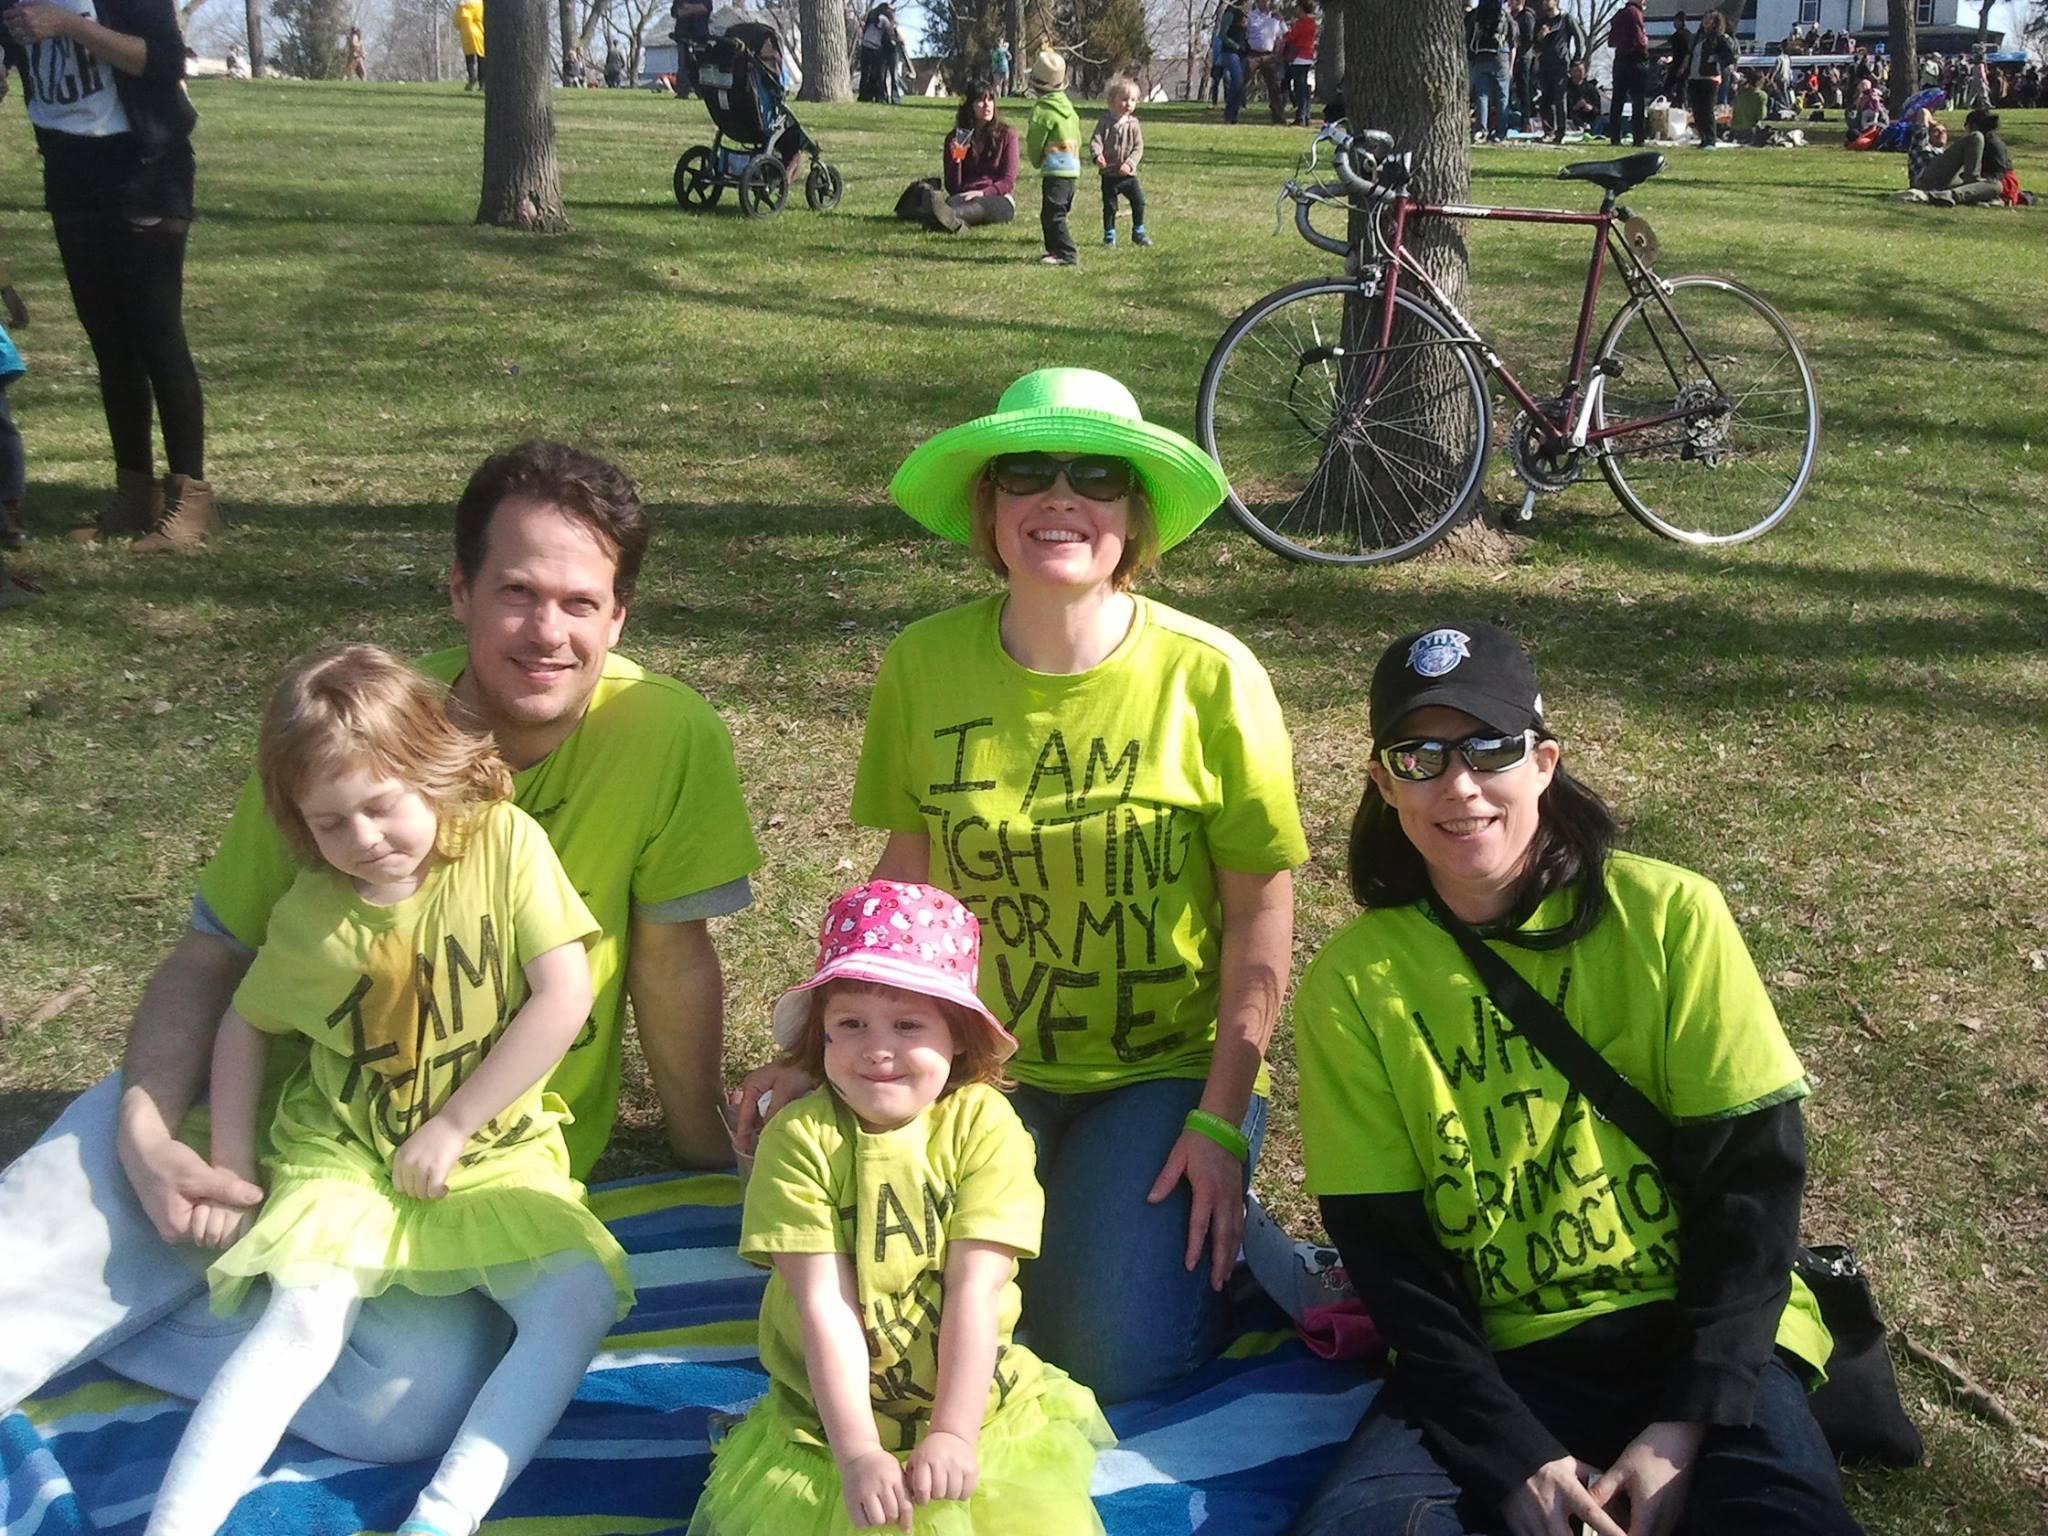 Vicki,  Kara and her family at the Lyme Battalion, May 2014